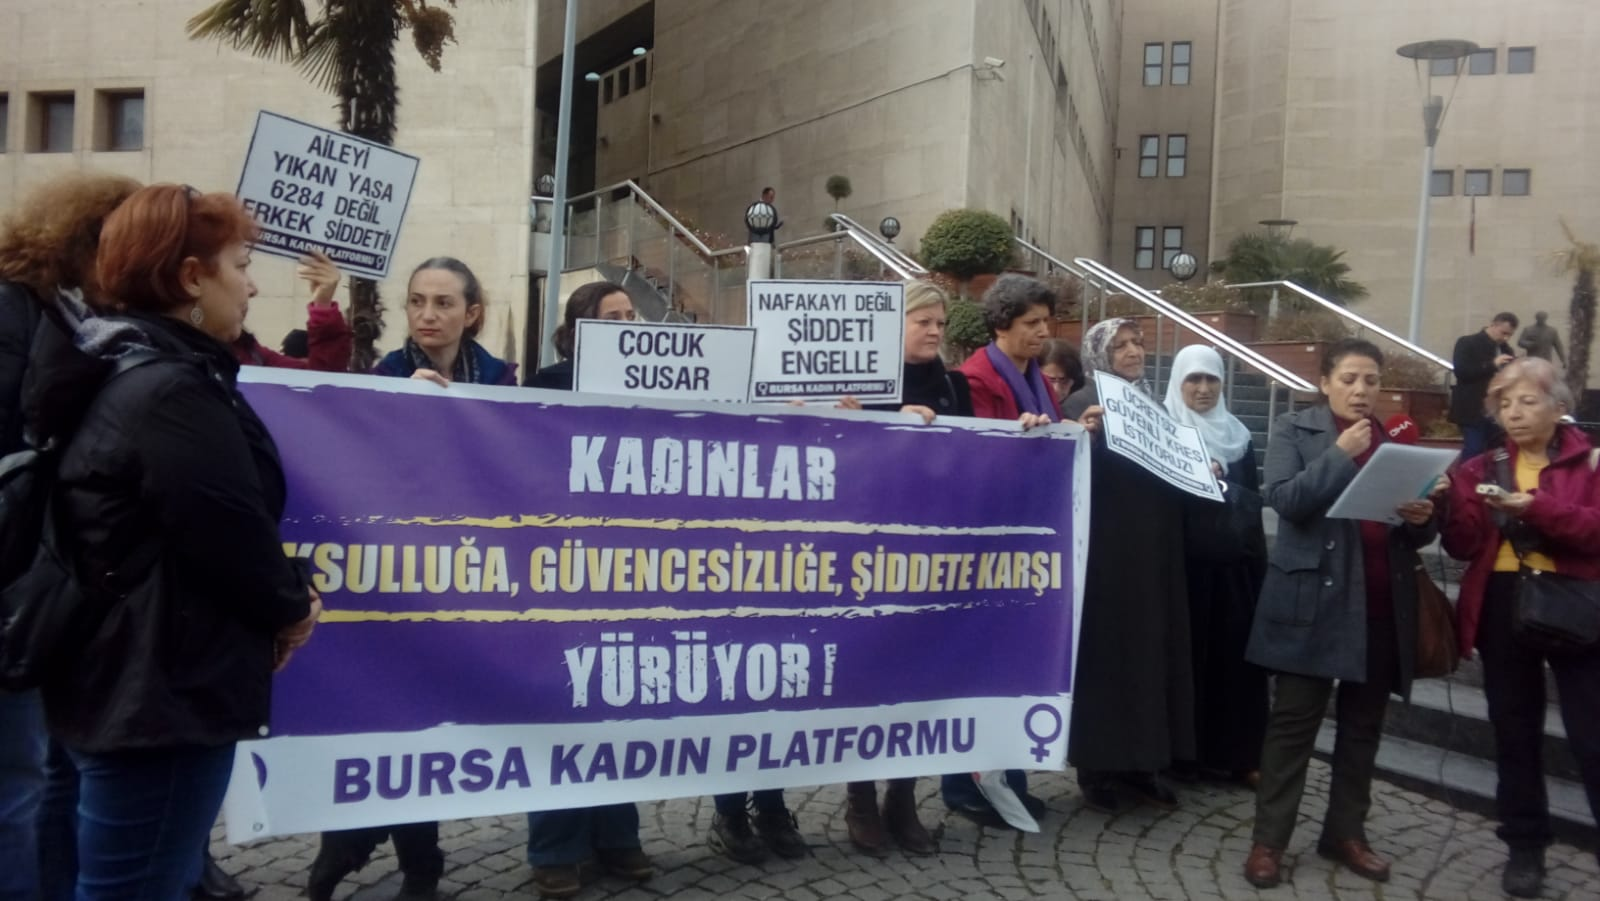 Bursa Kadın Platformu 25 Kasım'a Çağrı Yaptı